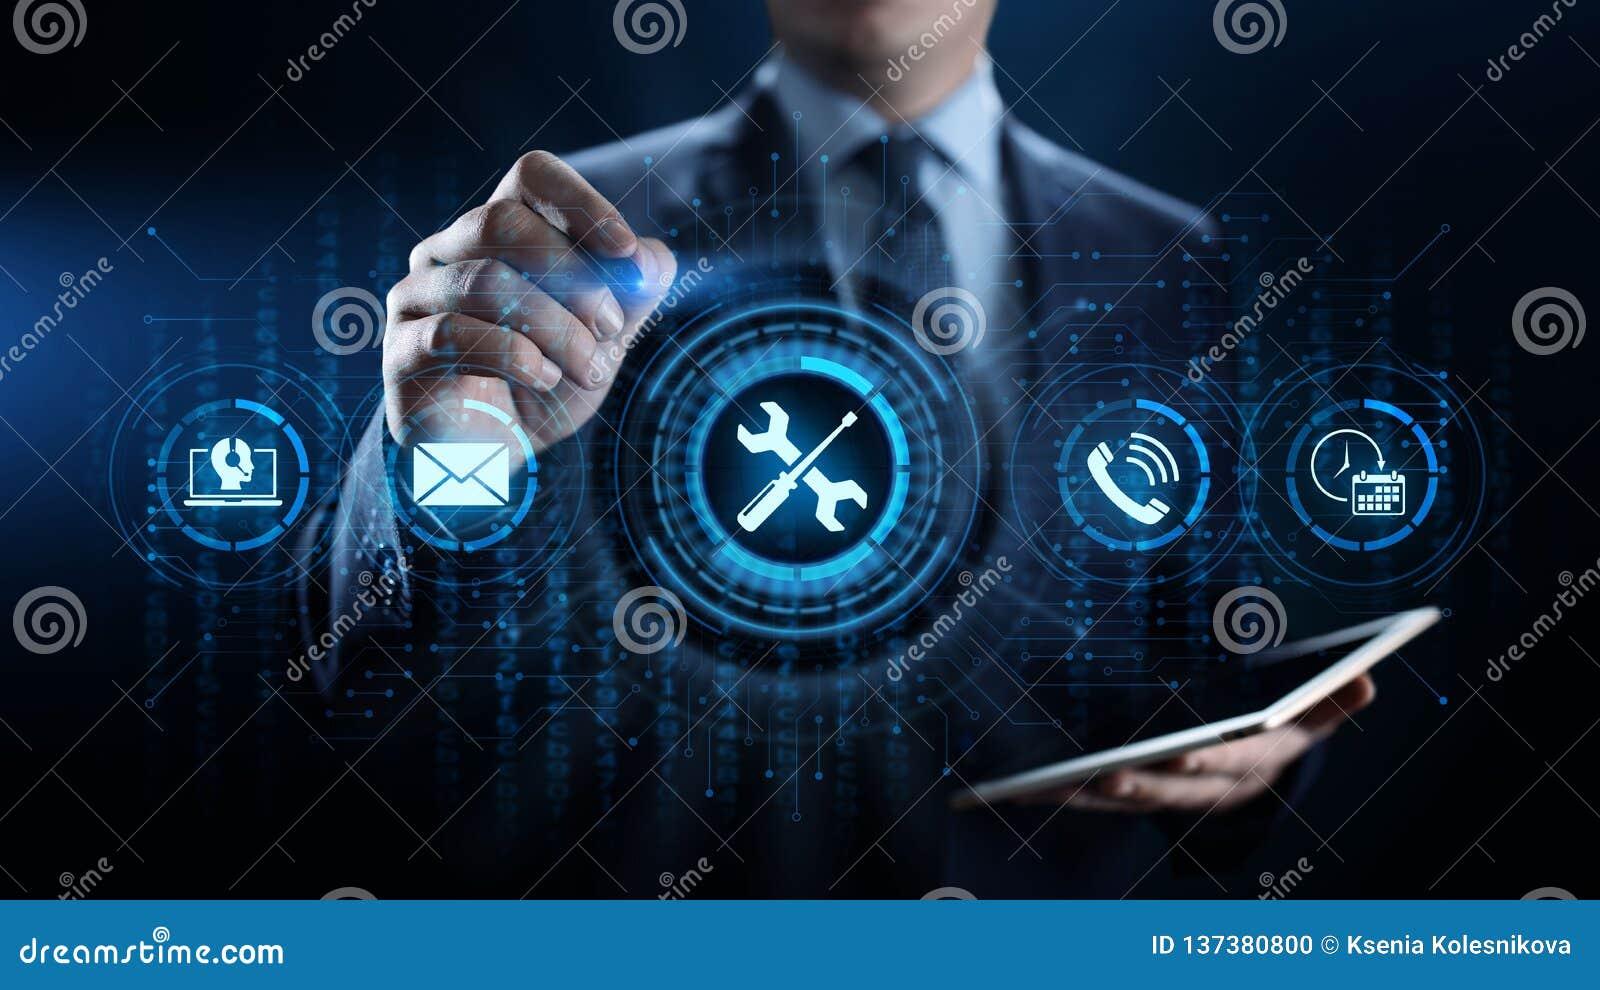 Υποστήριξη 24 έννοια επιχειρησιακής τεχνολογίας εξασφάλισης ποιότητας 7 εξυπηρέτησης πελατών